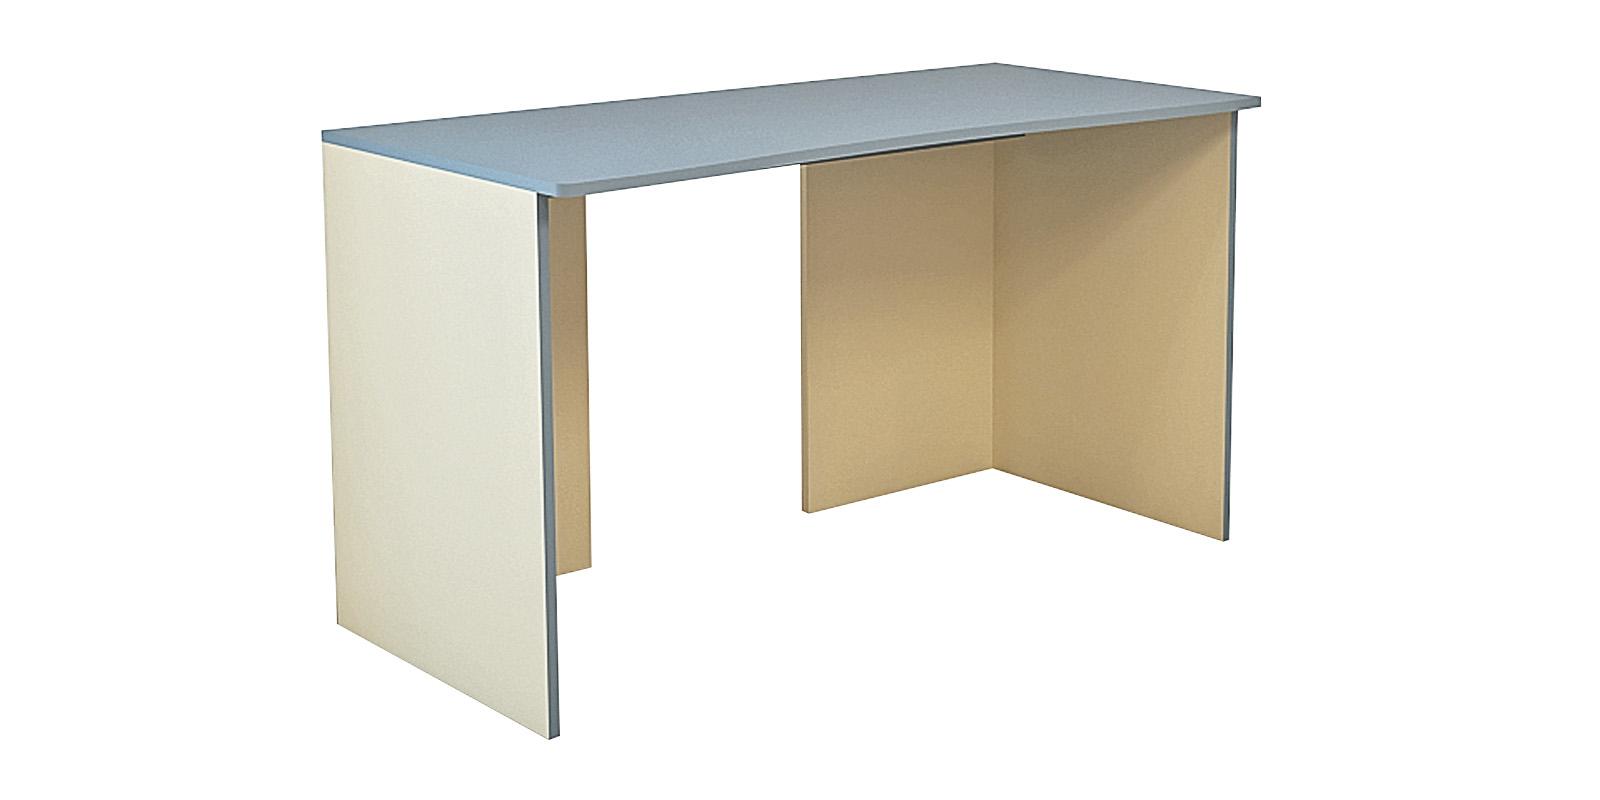 Стол письменный Нова 120 см (бежевый/голубой)